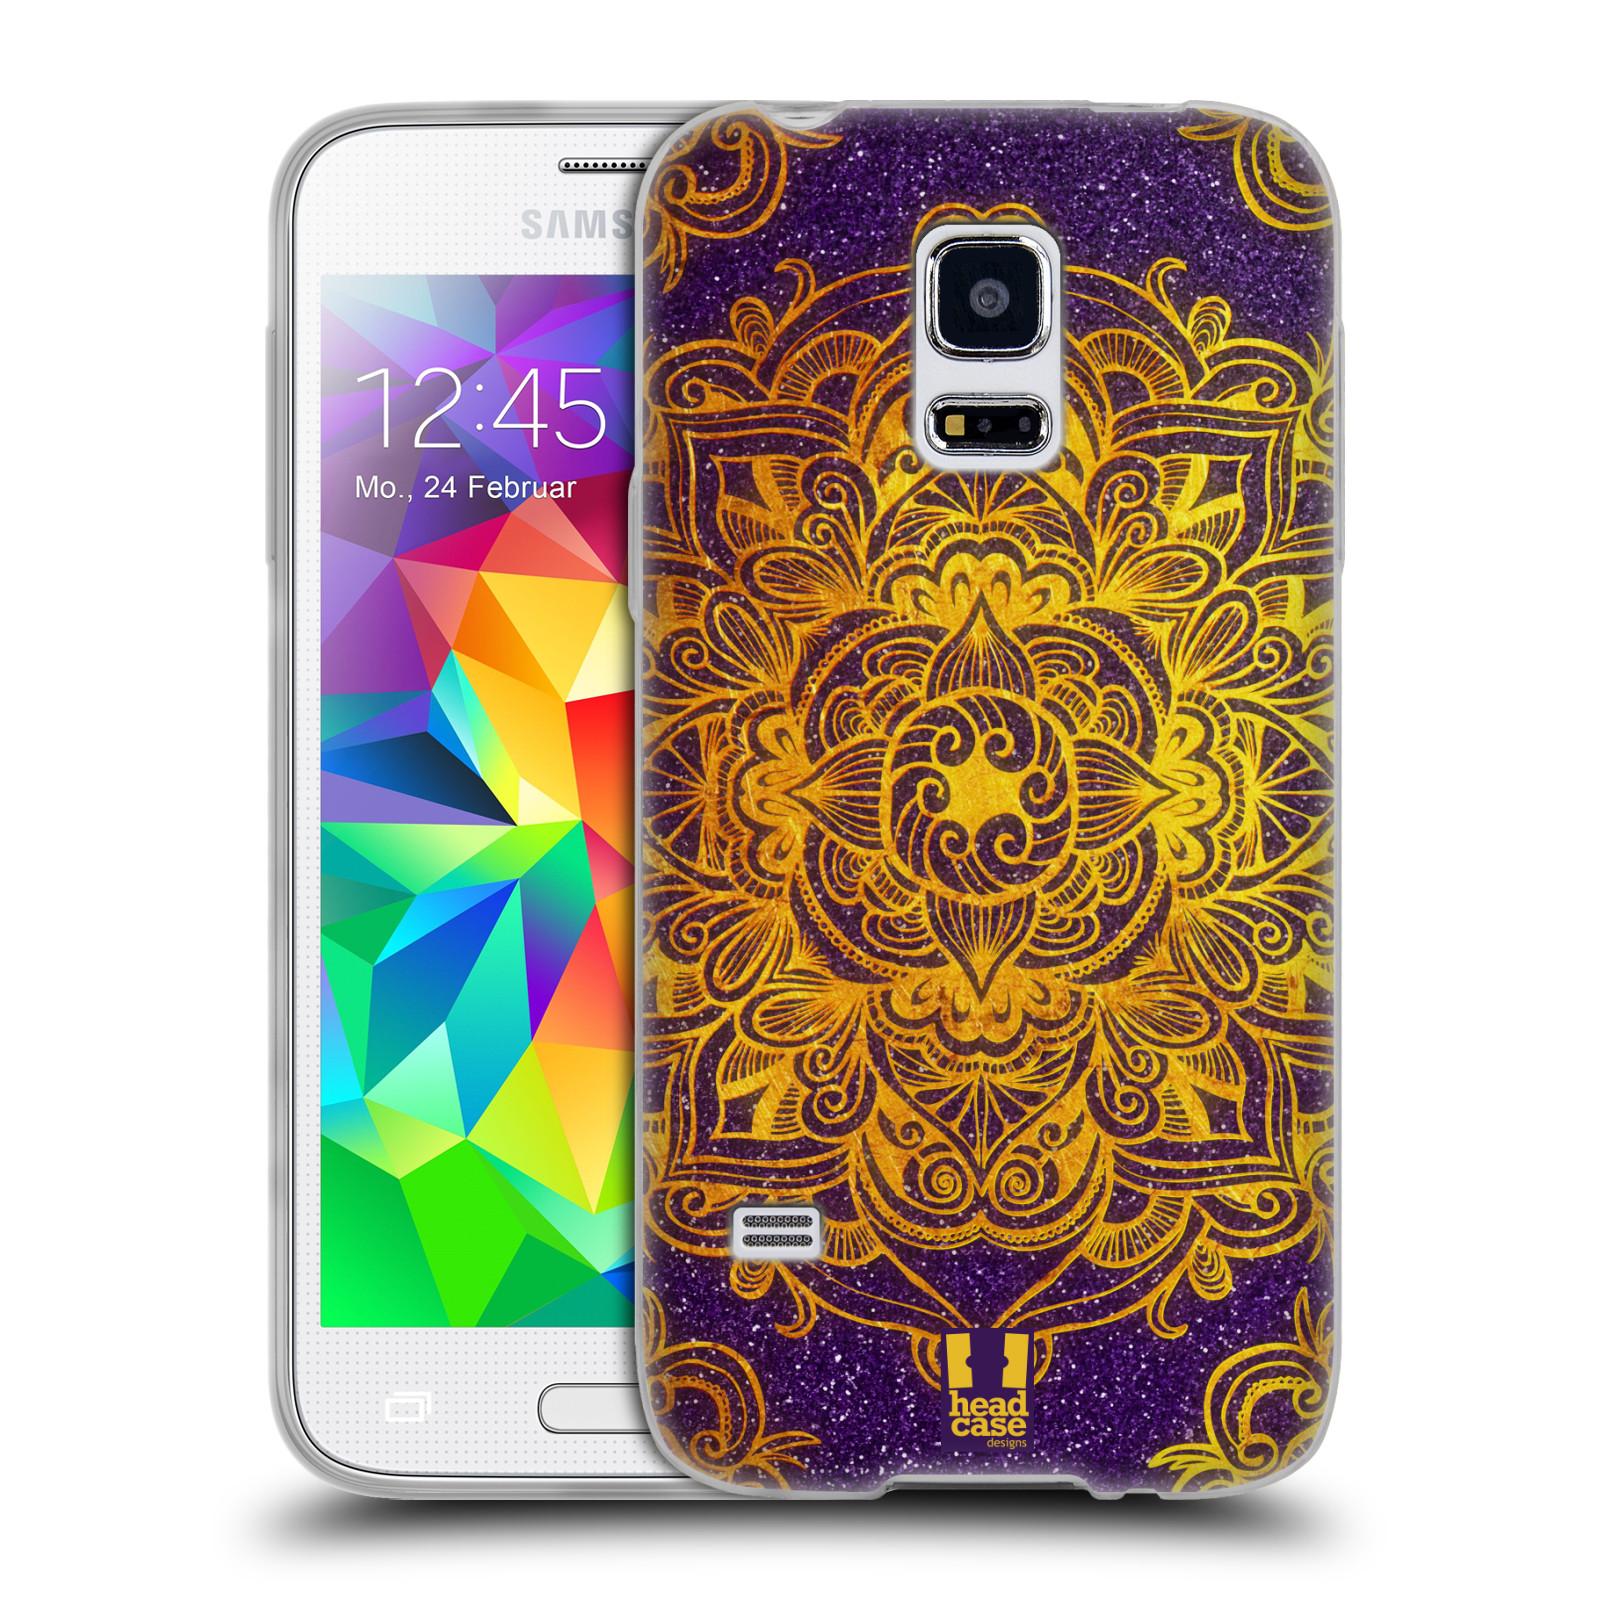 HEAD CASE silikonový obal na mobil Samsung Galaxy S5 MINI vzor Indie Mandala slunce barevná ZLATÁ A FIALOVÁ